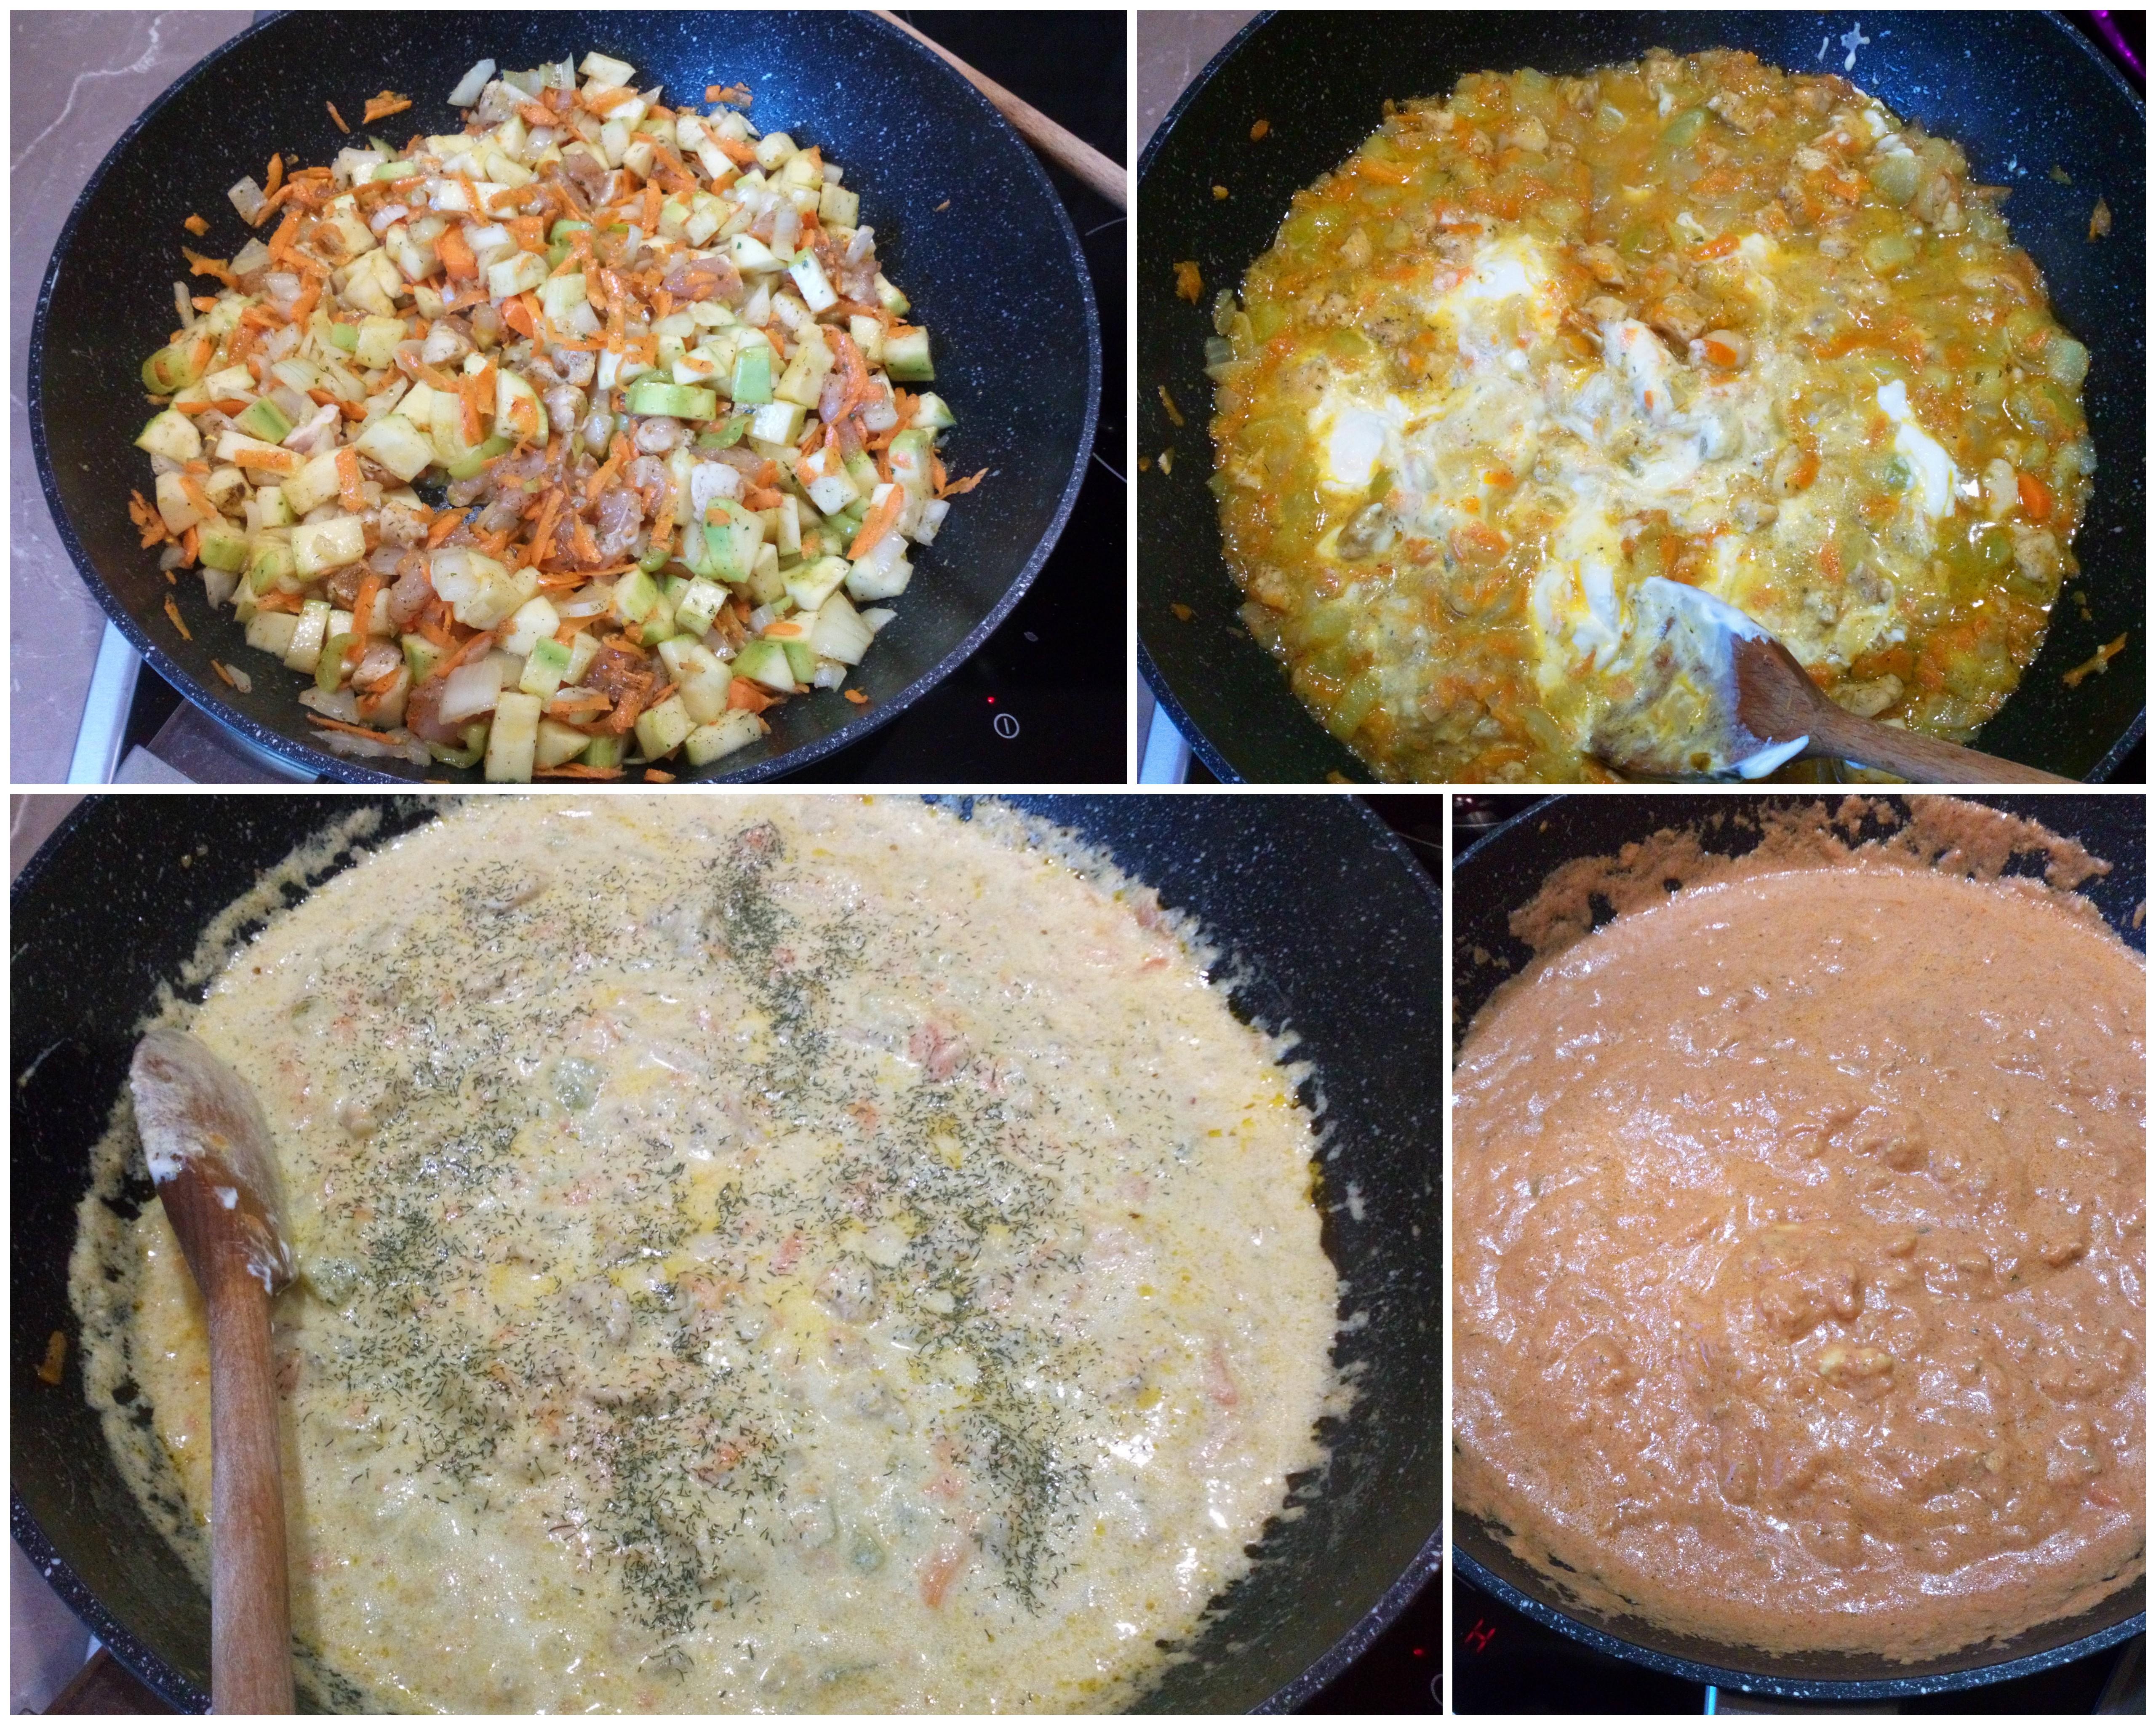 zoldseges-csirkes_lasagne_recept_2.jpg